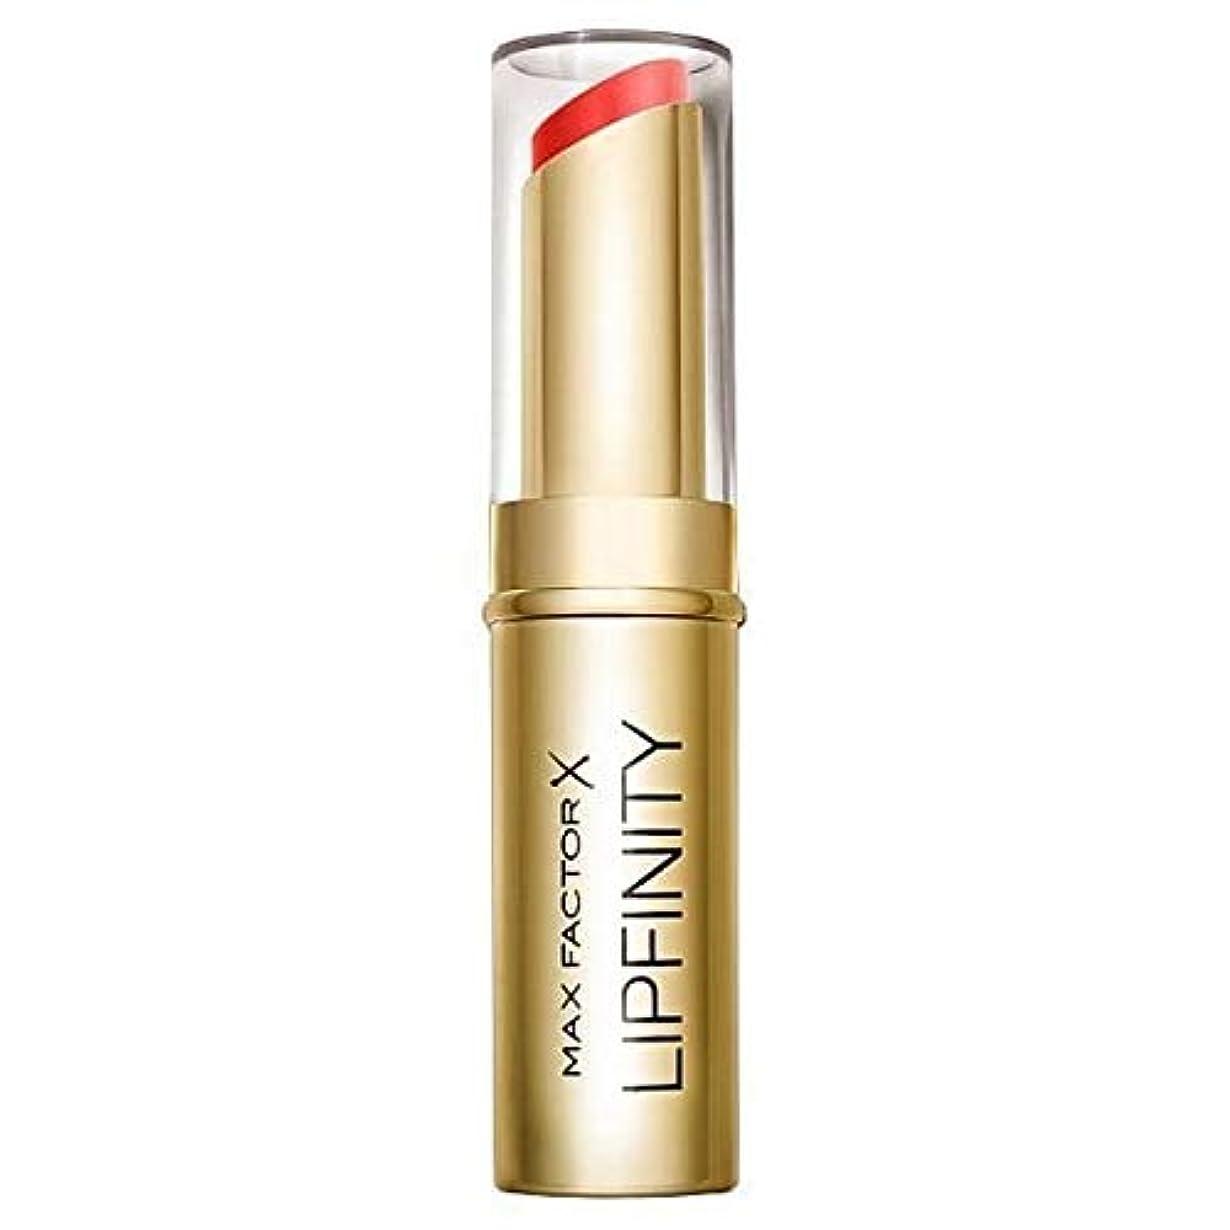 キッチン文法レギュラー[Max Factor ] 長い口紅だけの豪華持続マックスファクターLipfinity - Max Factor Lipfinity Long Lasting Lipstick Just Deluxe [並行輸入品]